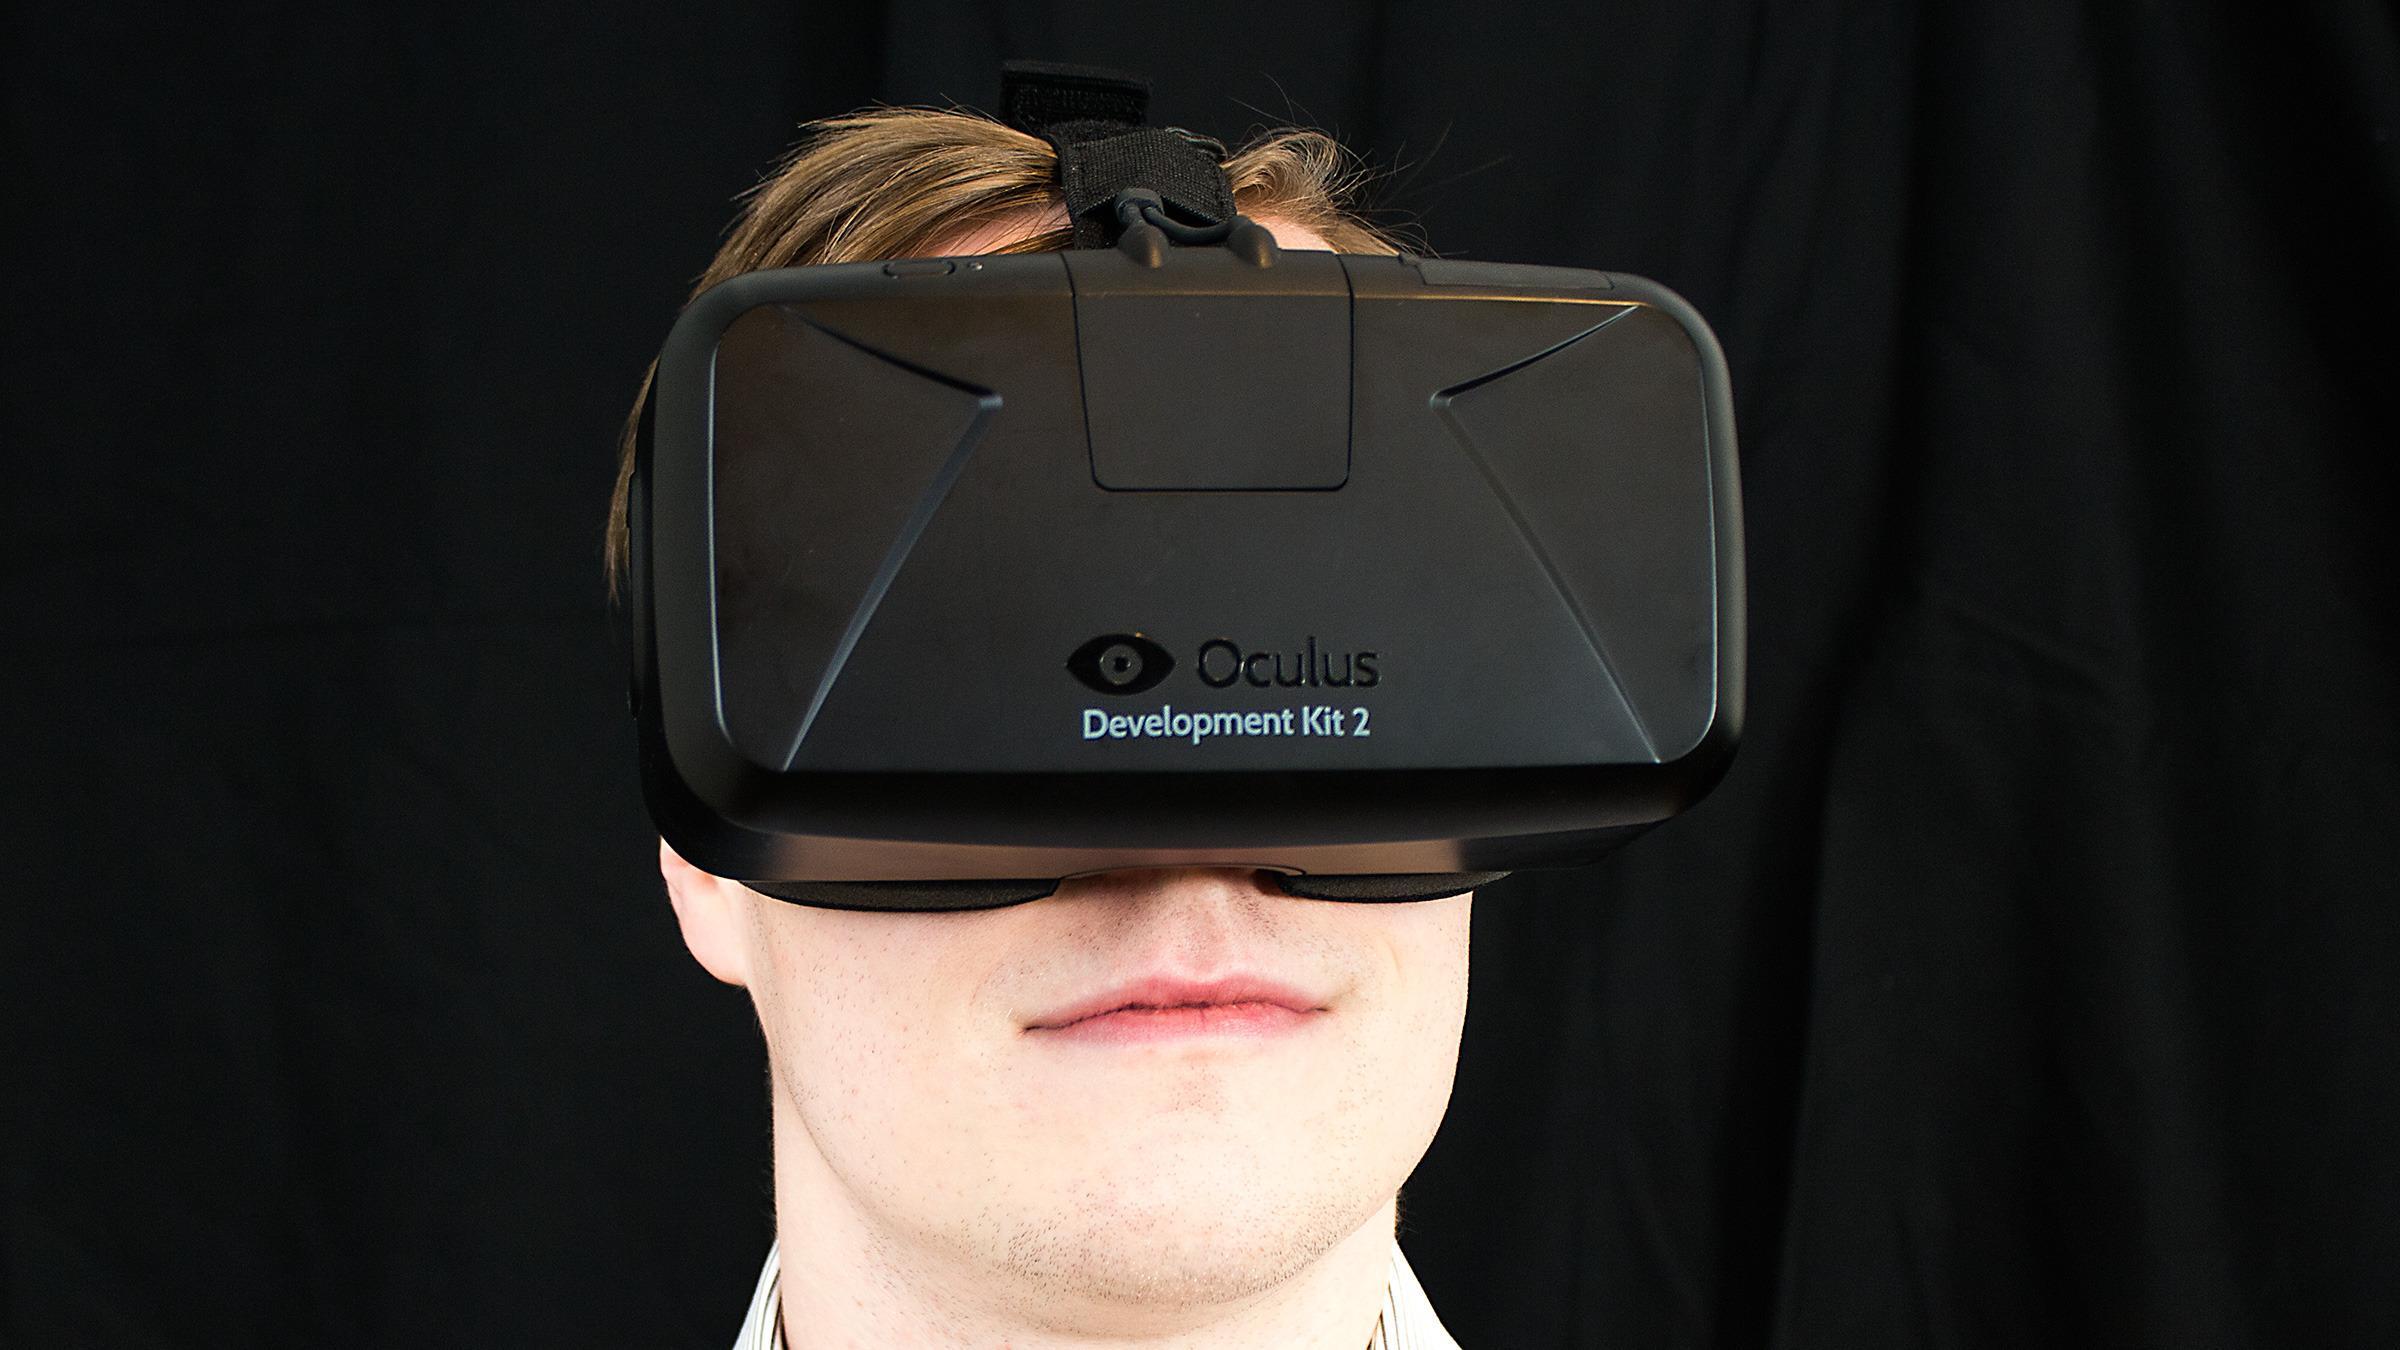 Fra vår test av Oculus Rift DK2.Foto: Varg Aamo, Tek.no